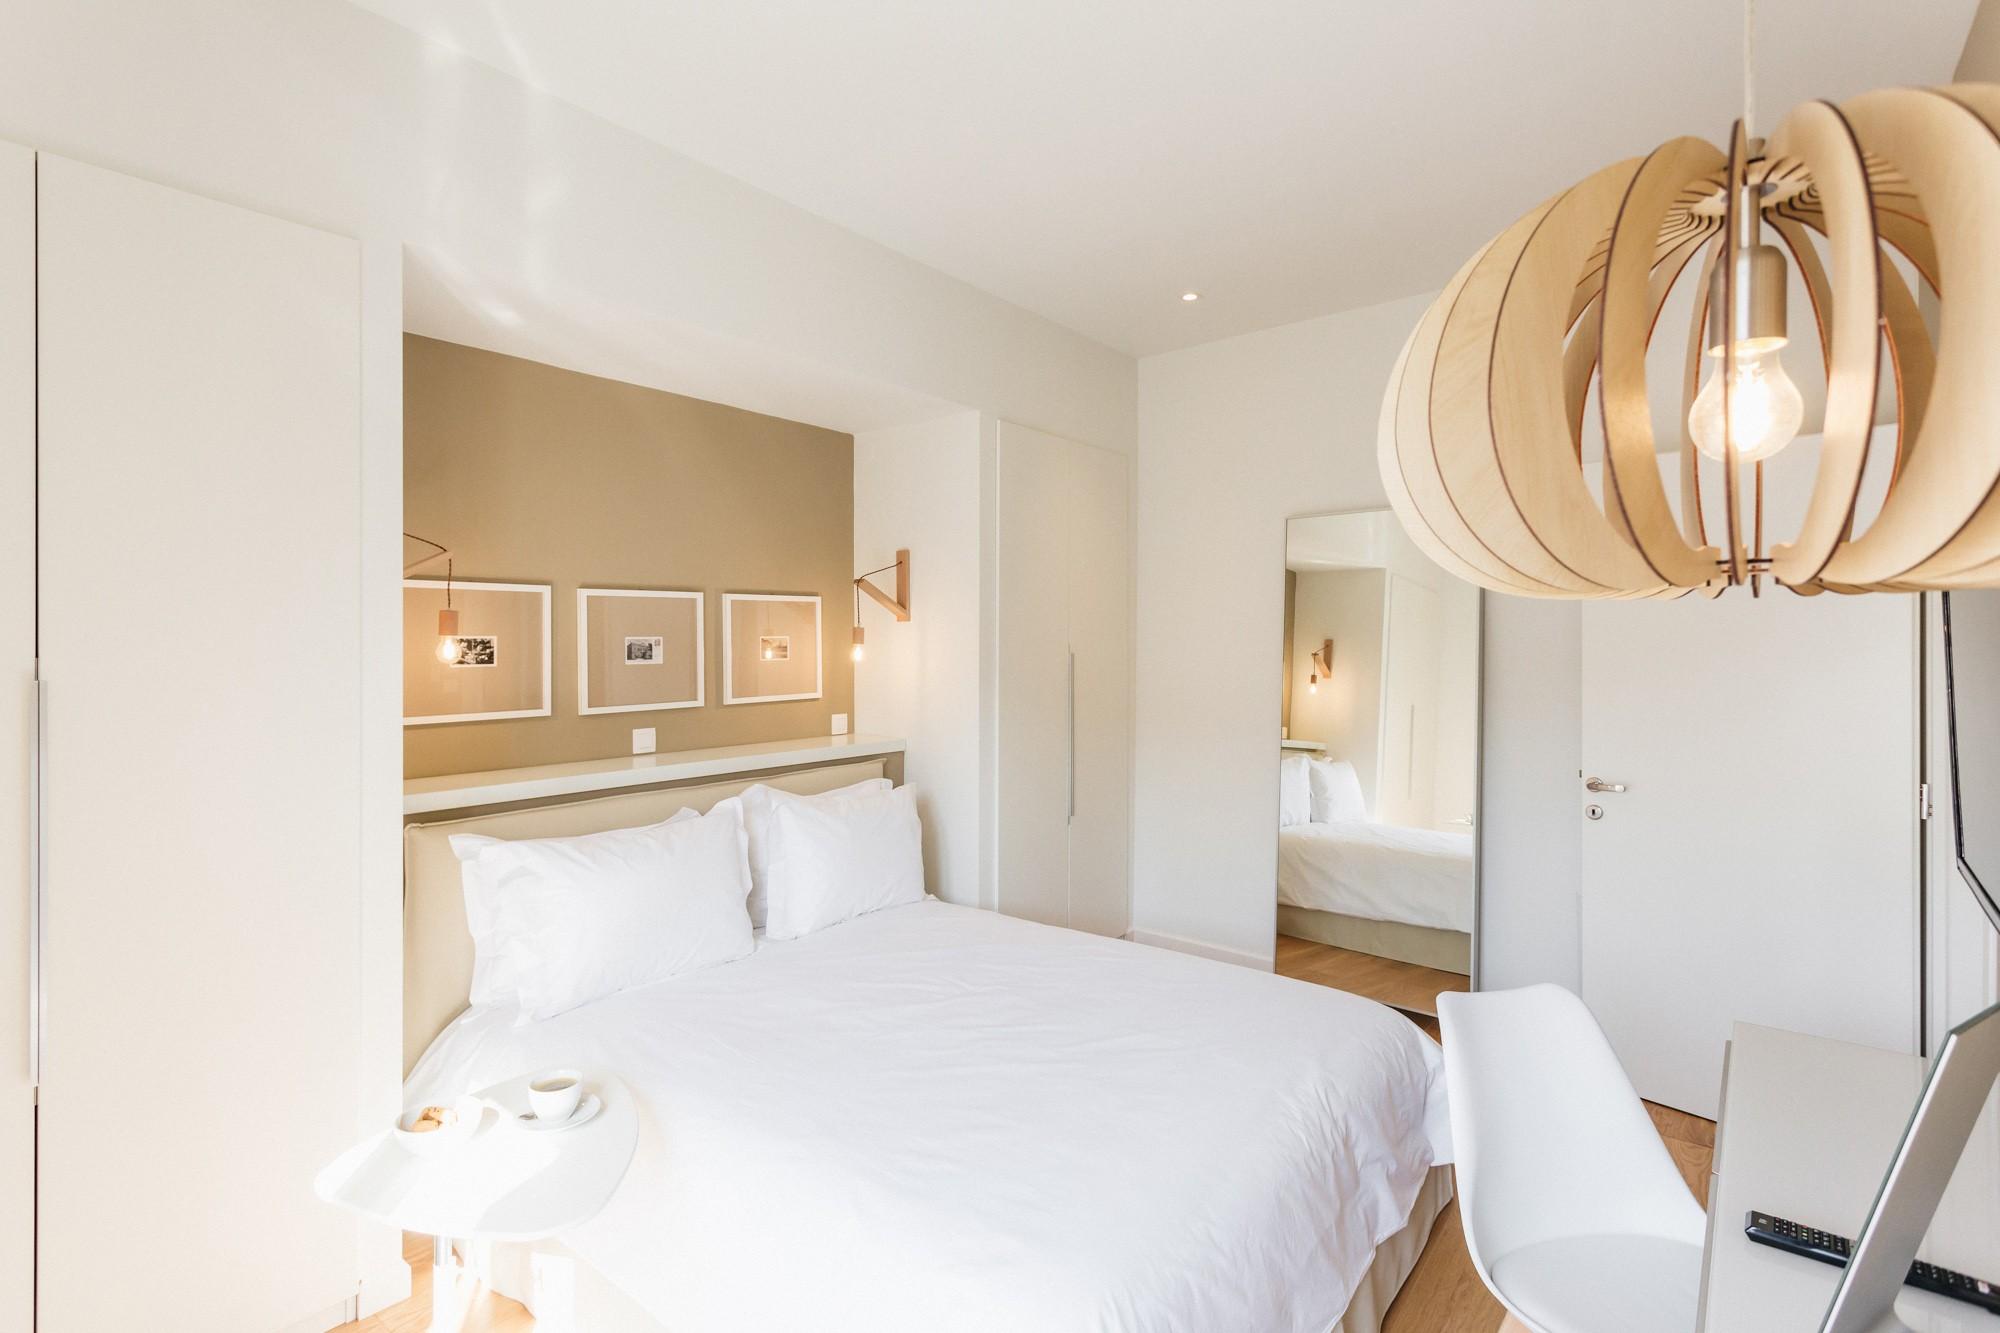 Επαγγελματική Φωτογράφηση Δωματίων Airbnb   Φωτογράφιση Σπιτιών